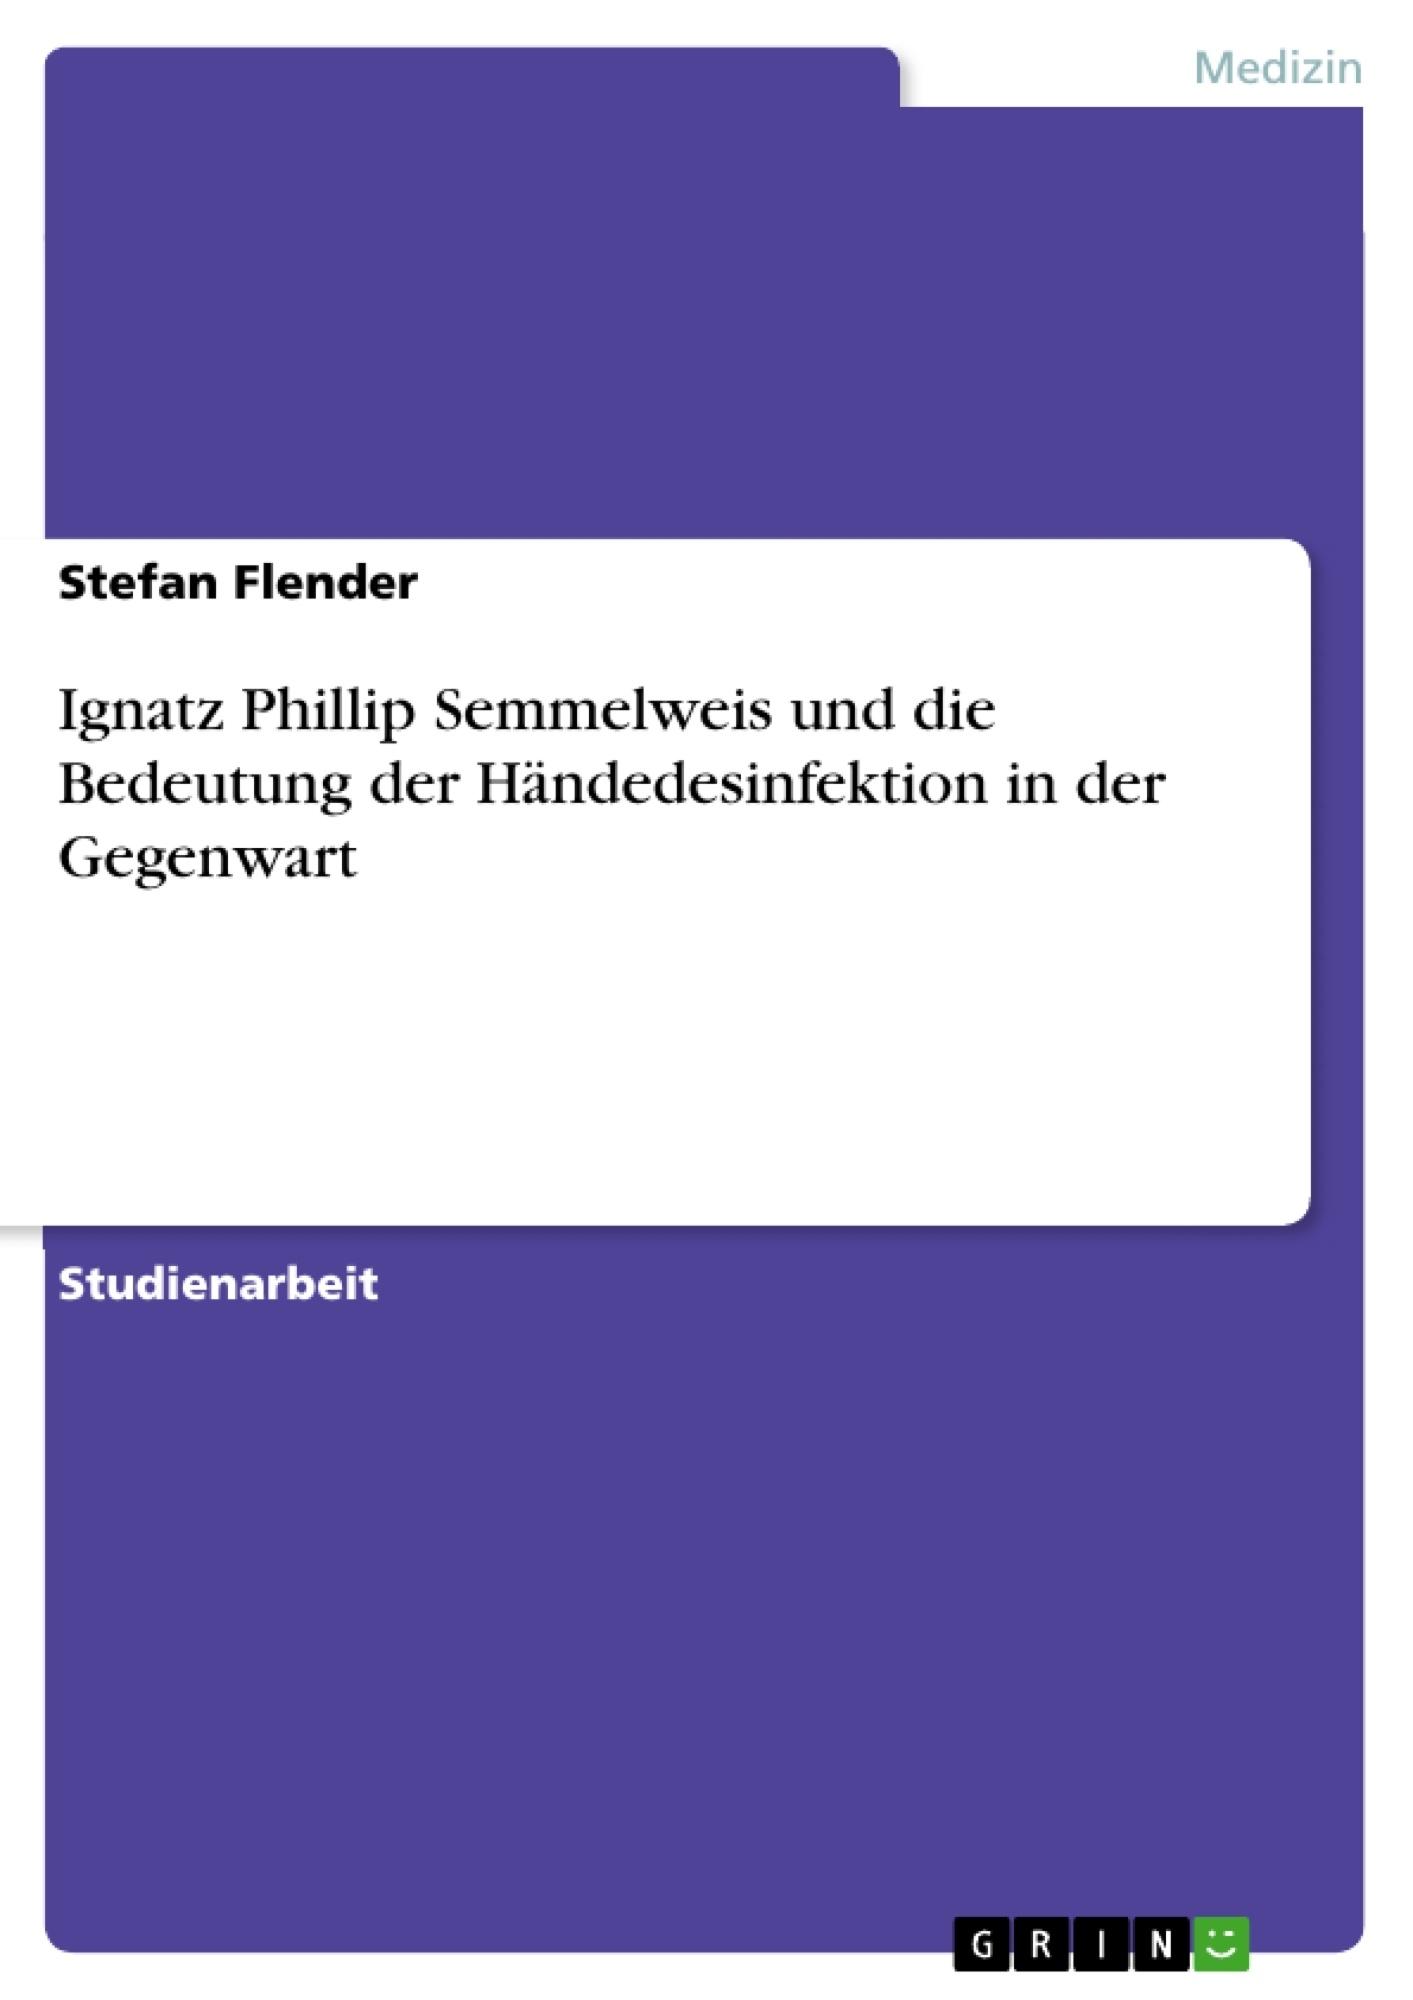 Titel: Ignatz Phillip Semmelweis und die Bedeutung der Händedesinfektion in der Gegenwart